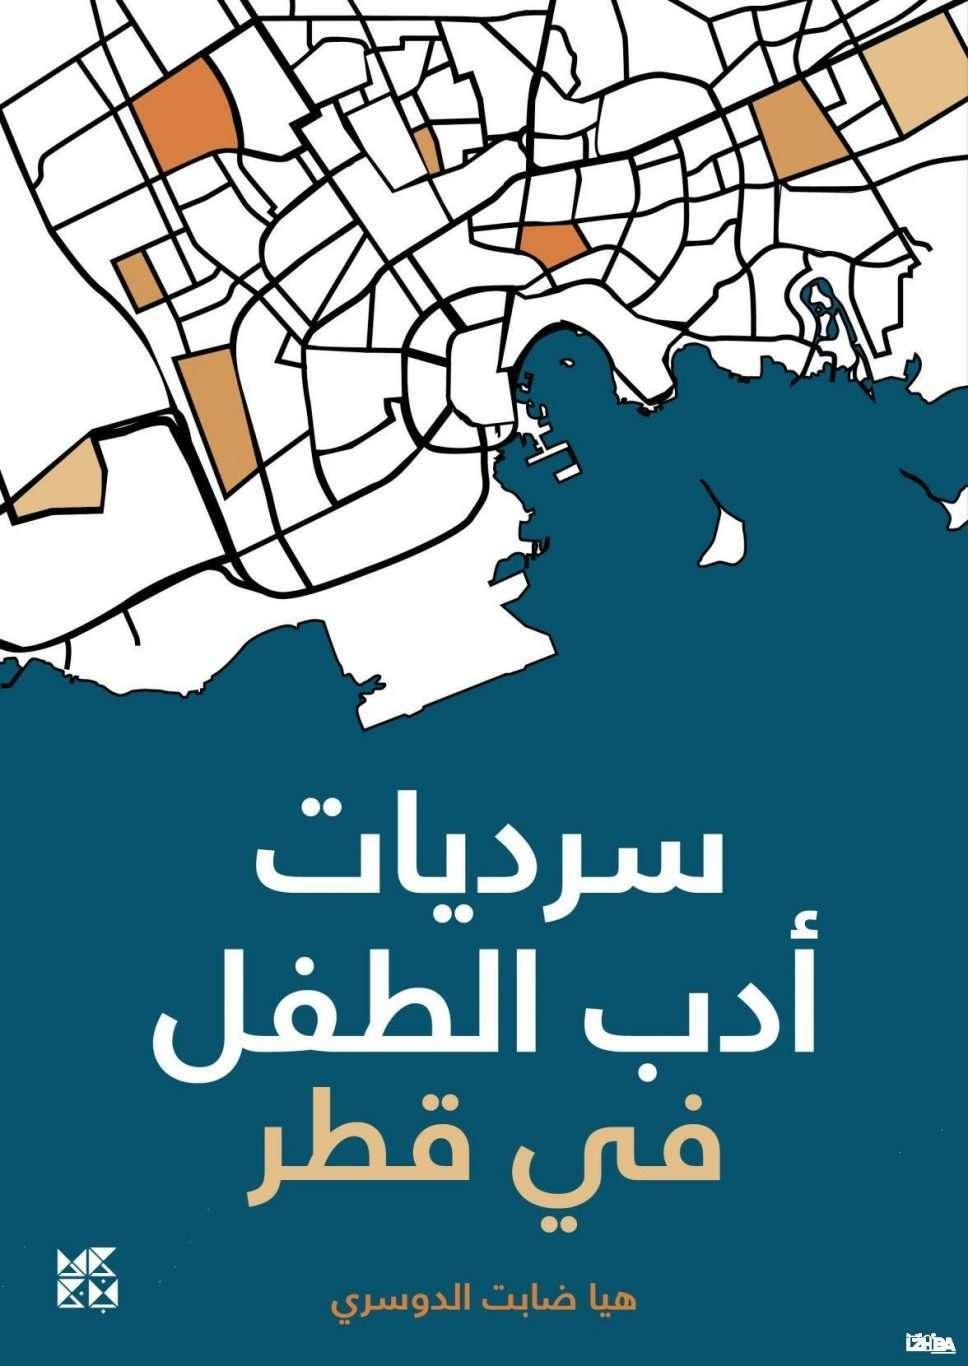 سرديات أدب الطفل في قطر